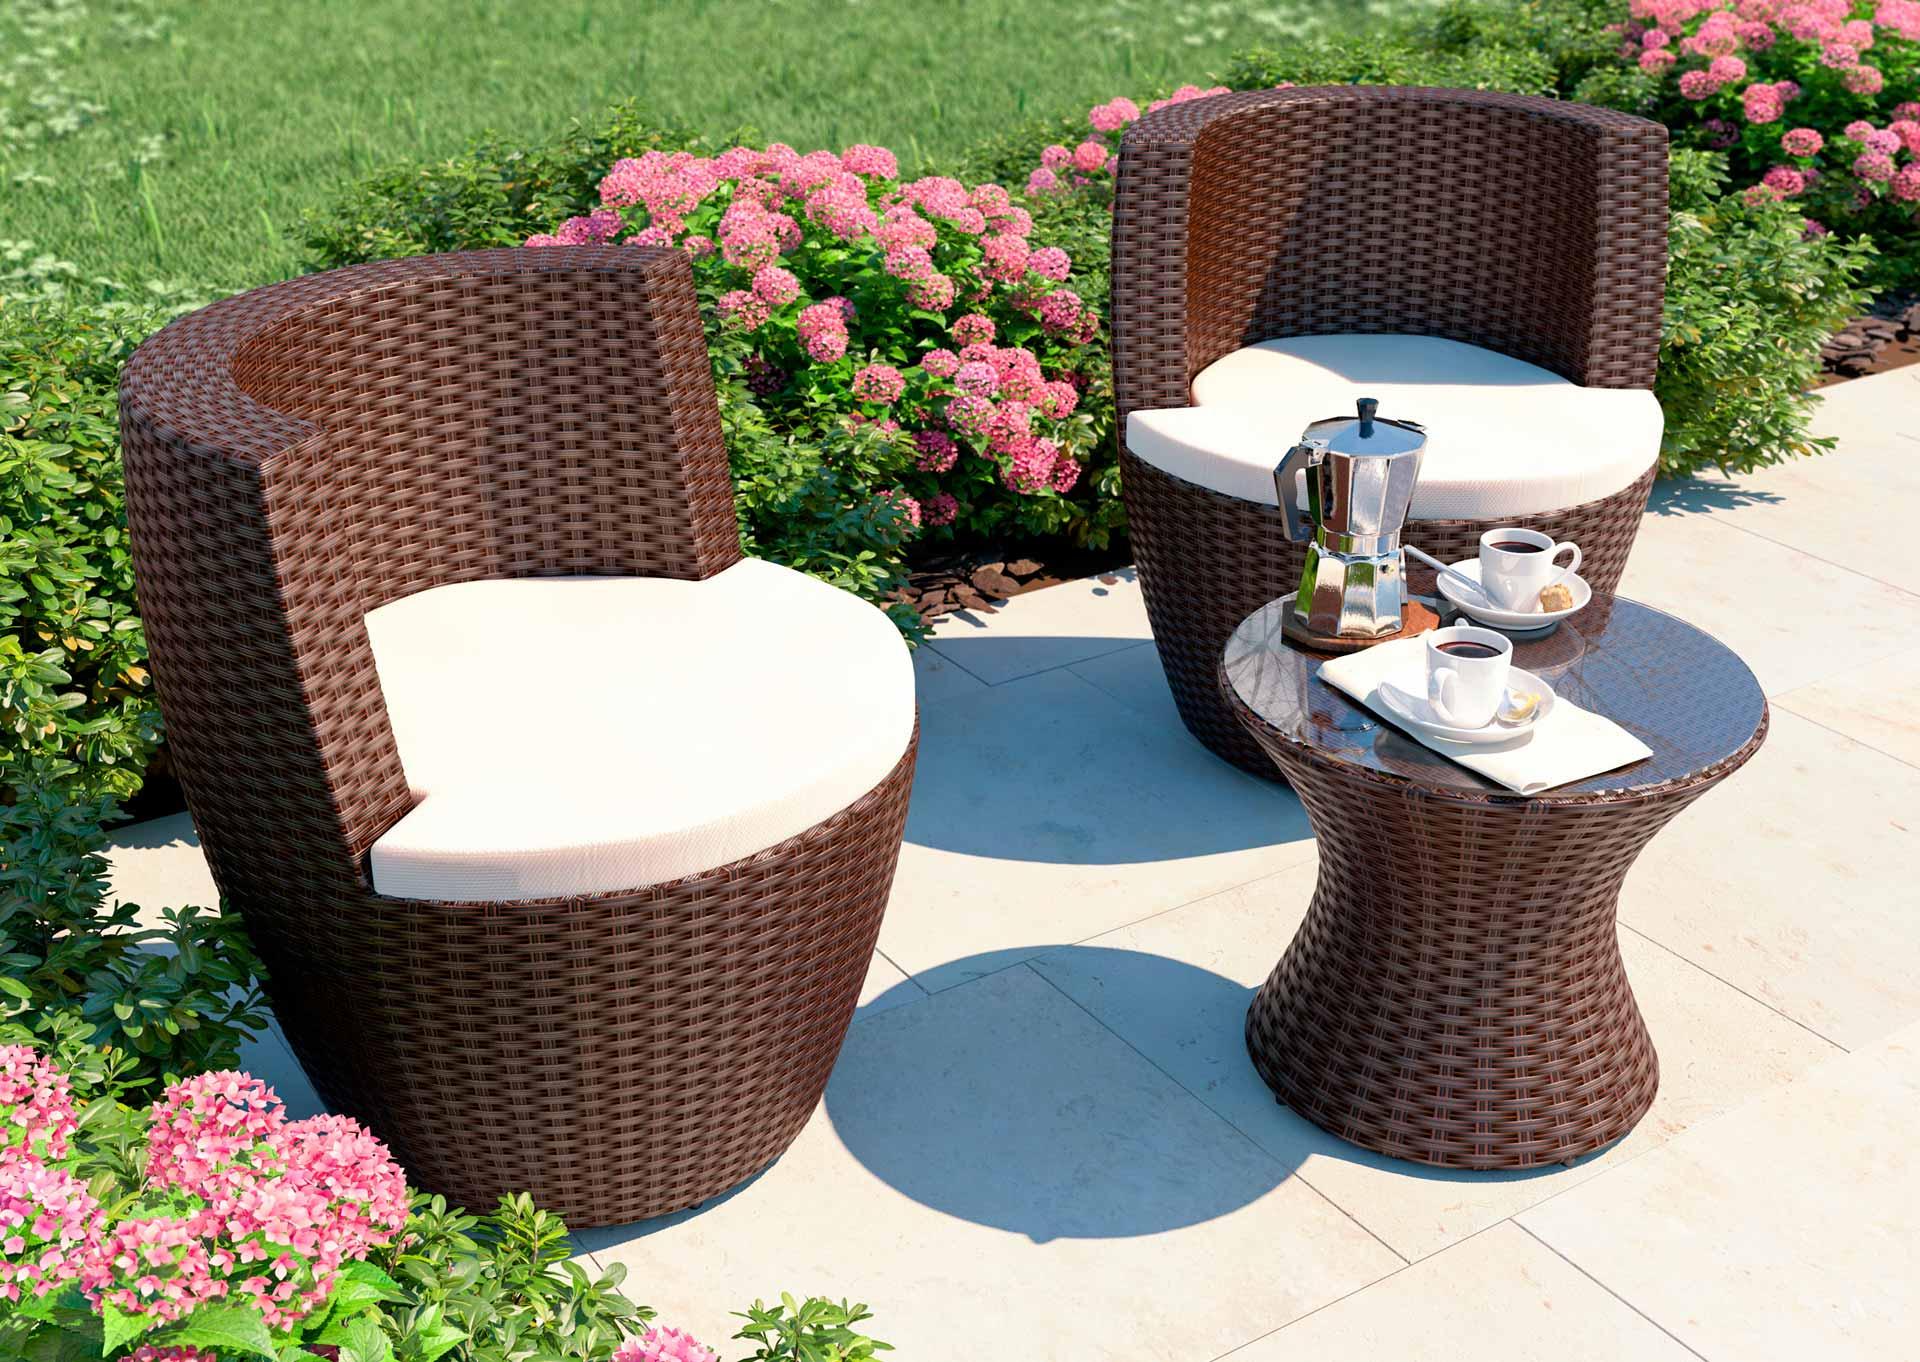 Polyrattan Gartenmöbel Outlet österreich Polyrattan24de Clp